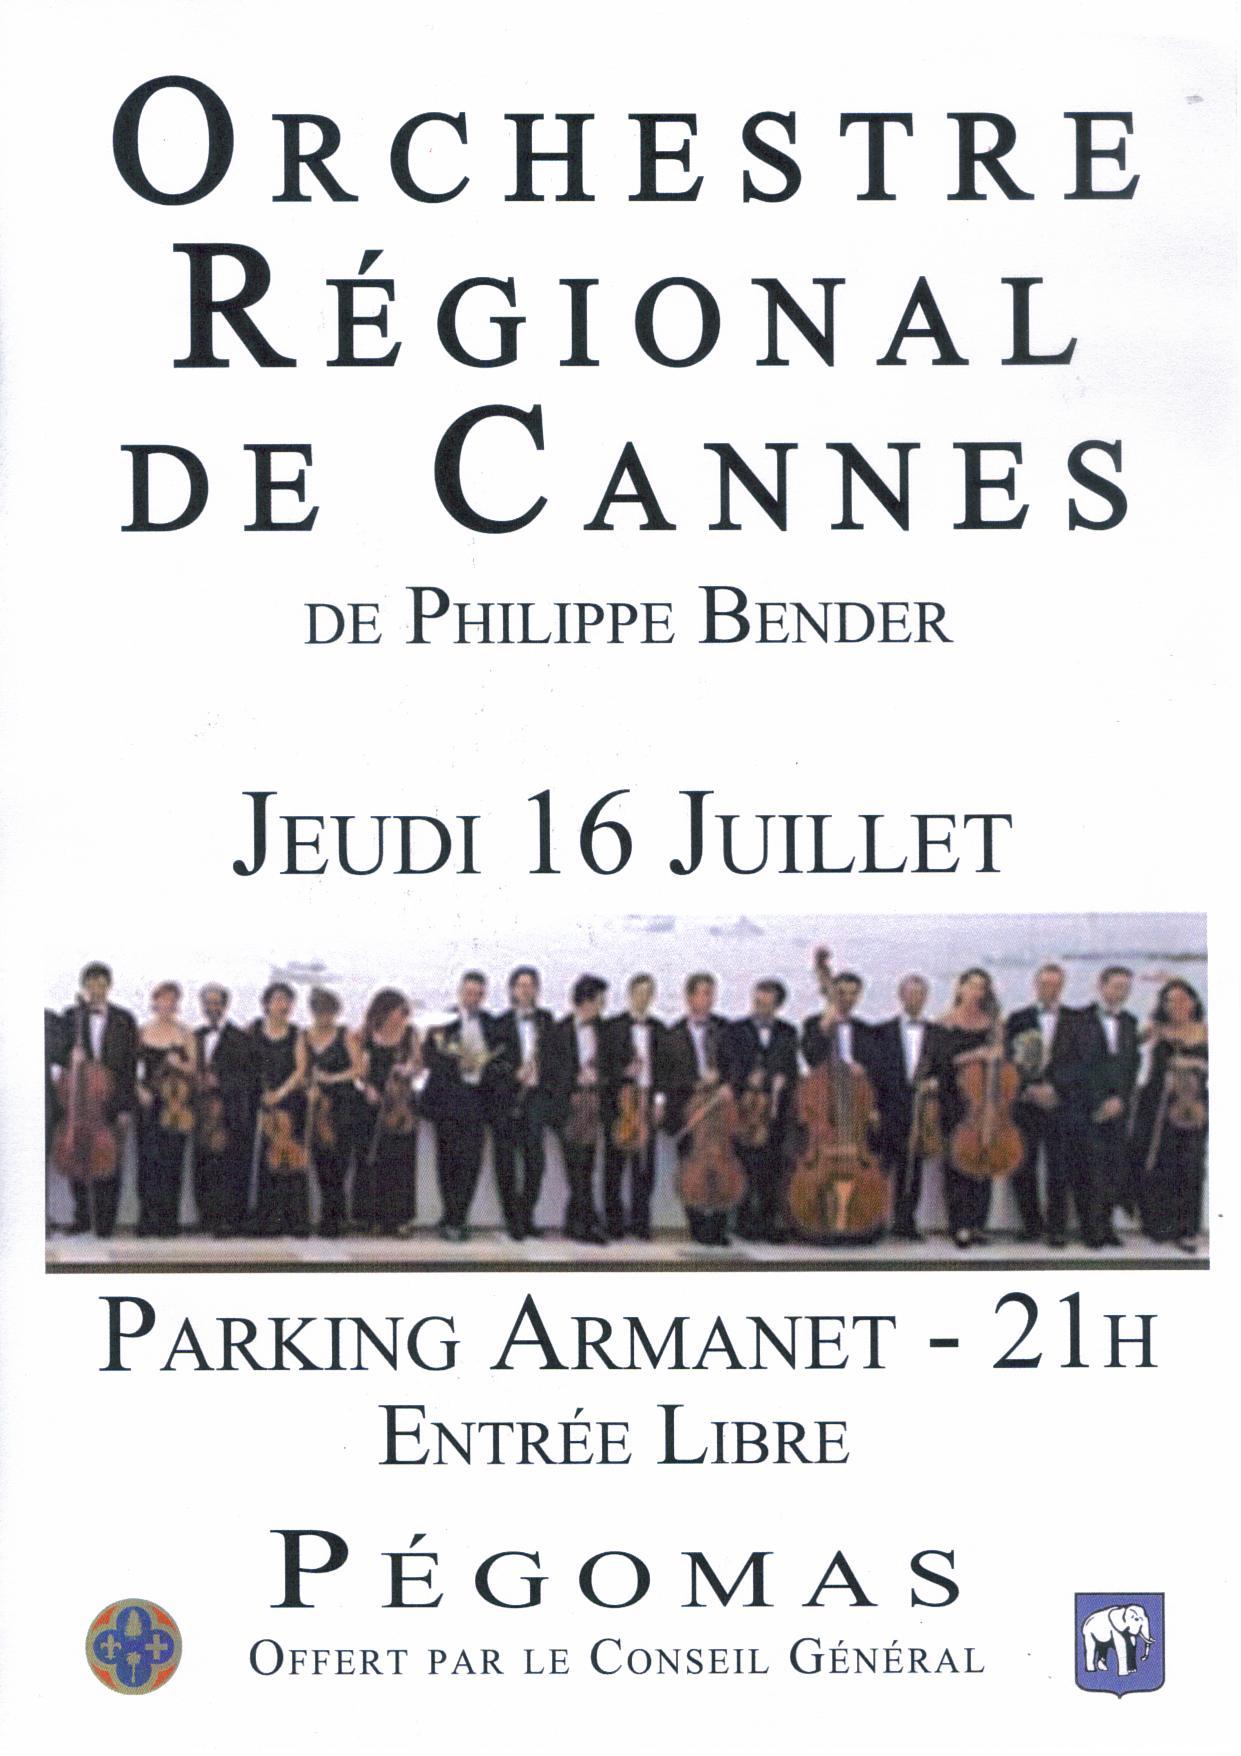 Affiche Concert Orchestre Régional de Cannes 2009